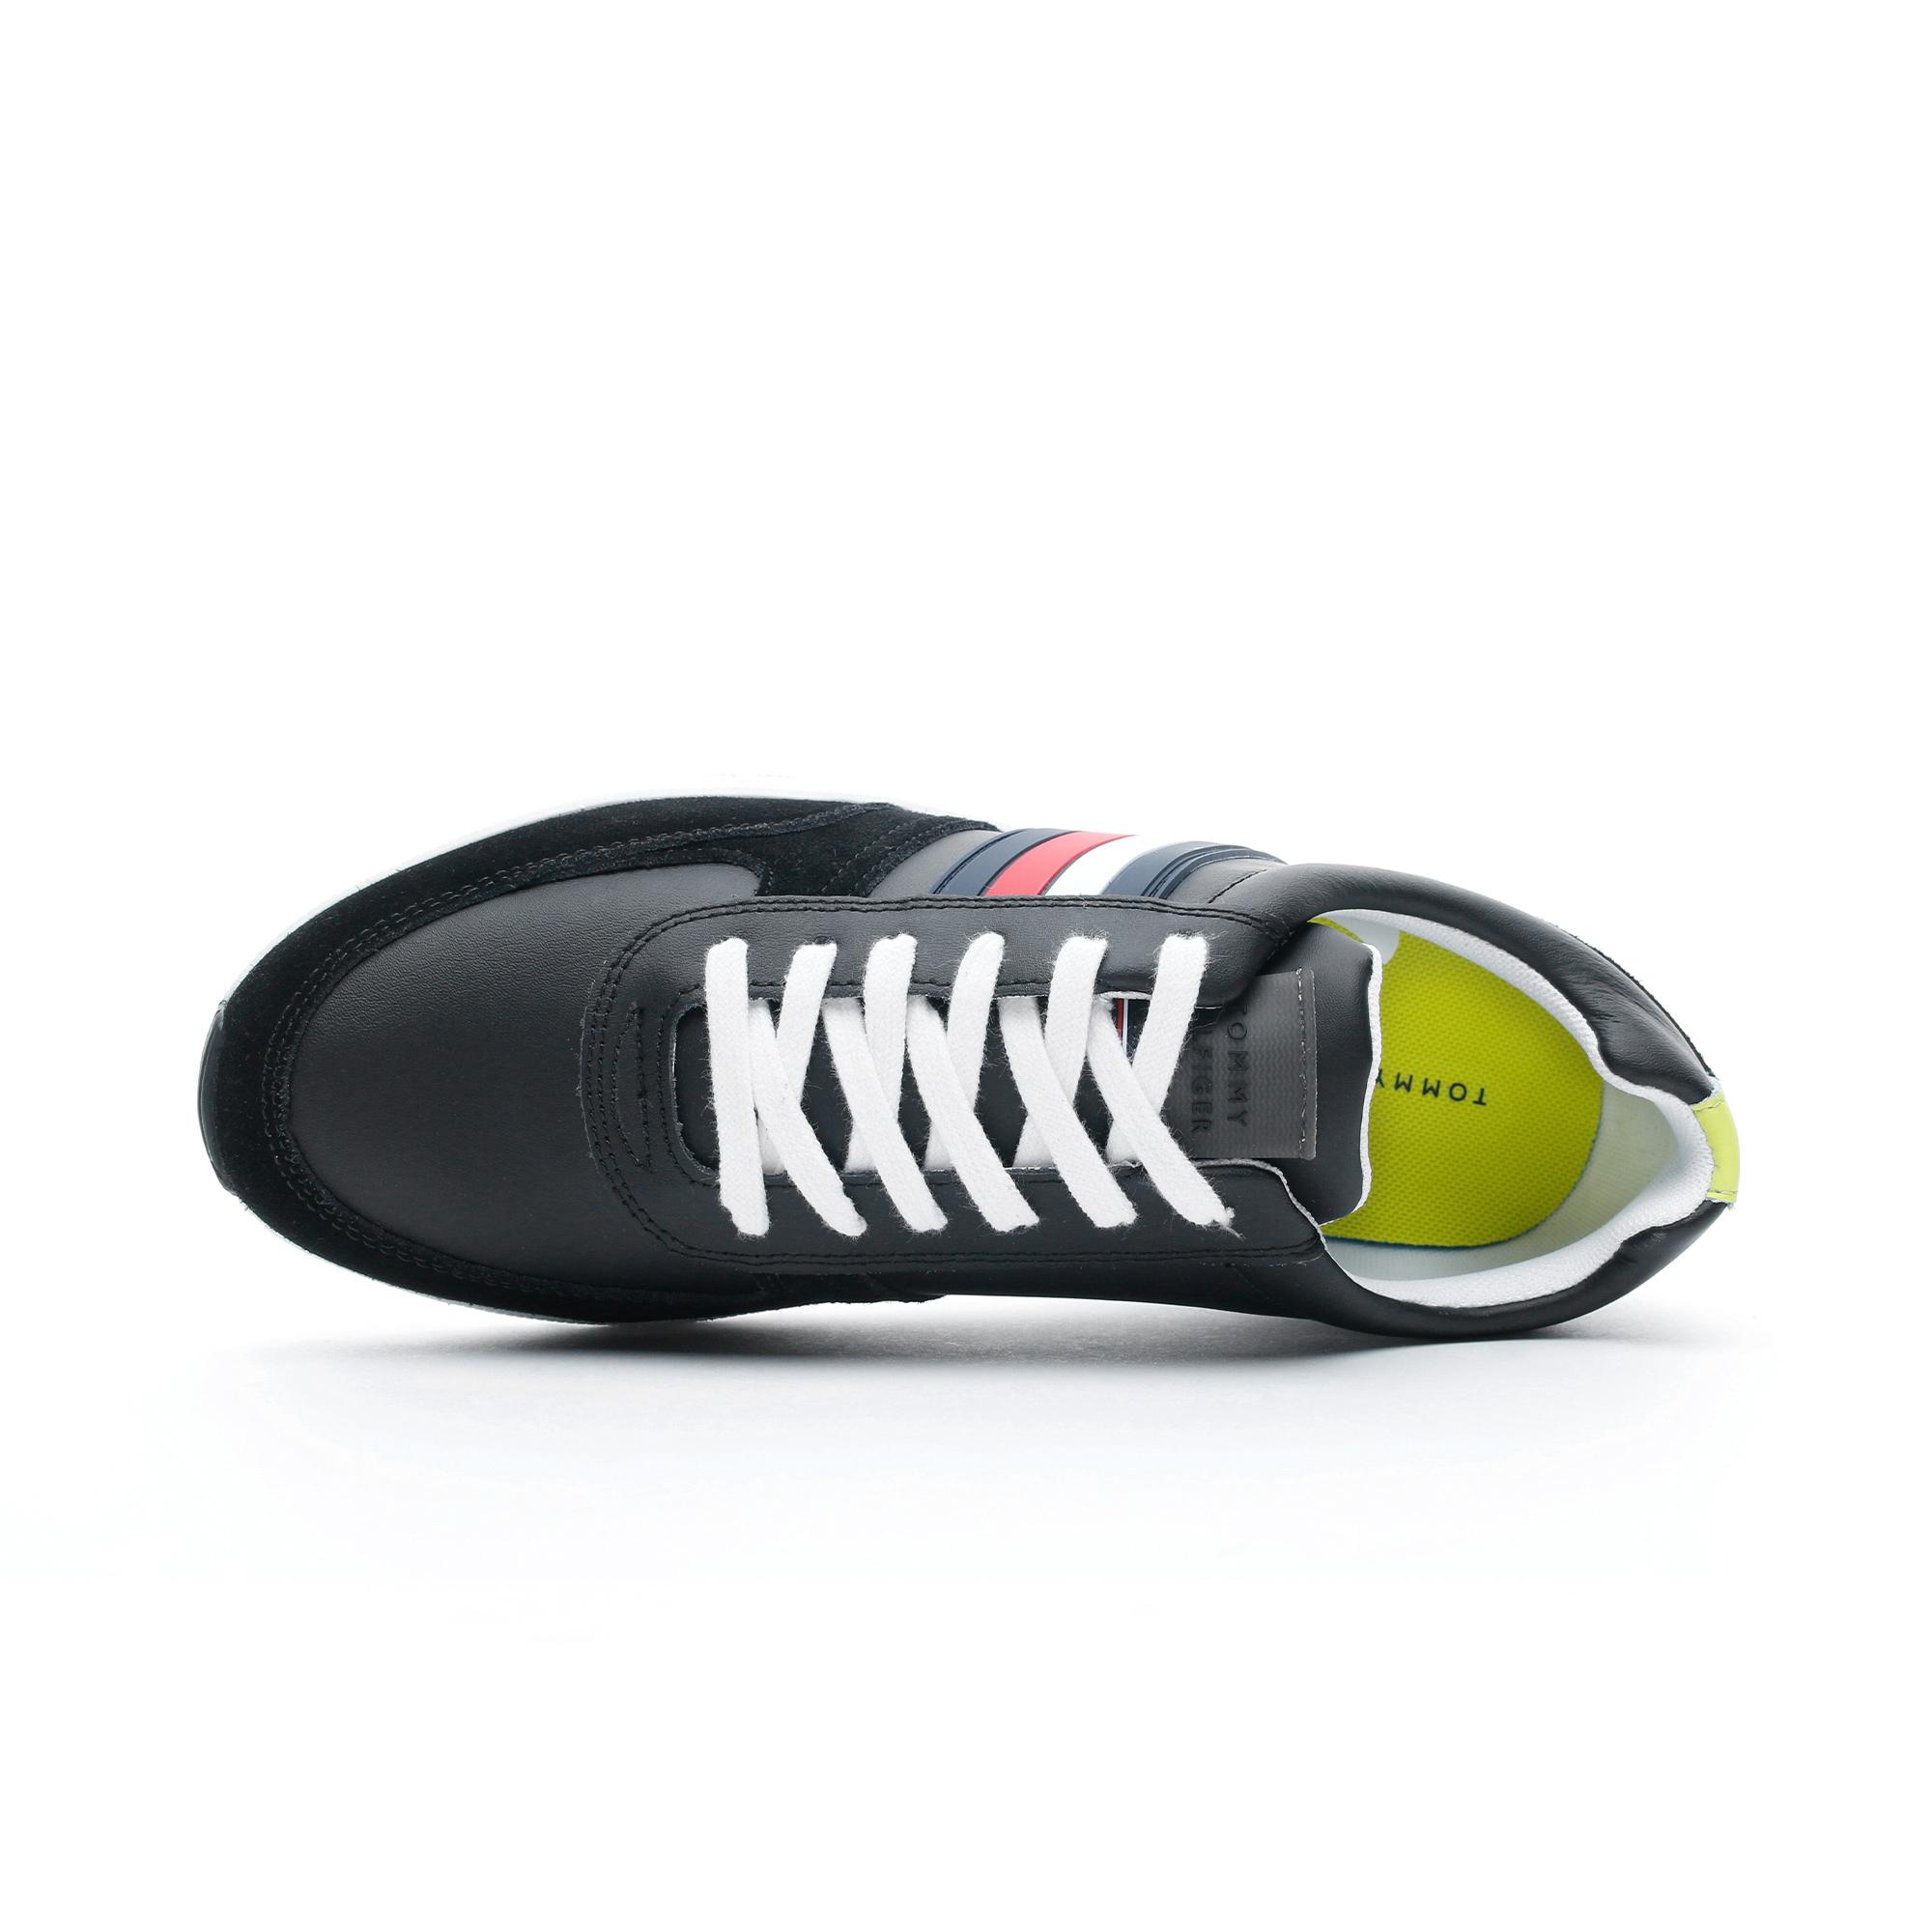 Tommy Hilfiger Erkek Siyah Spor Ayakkabı